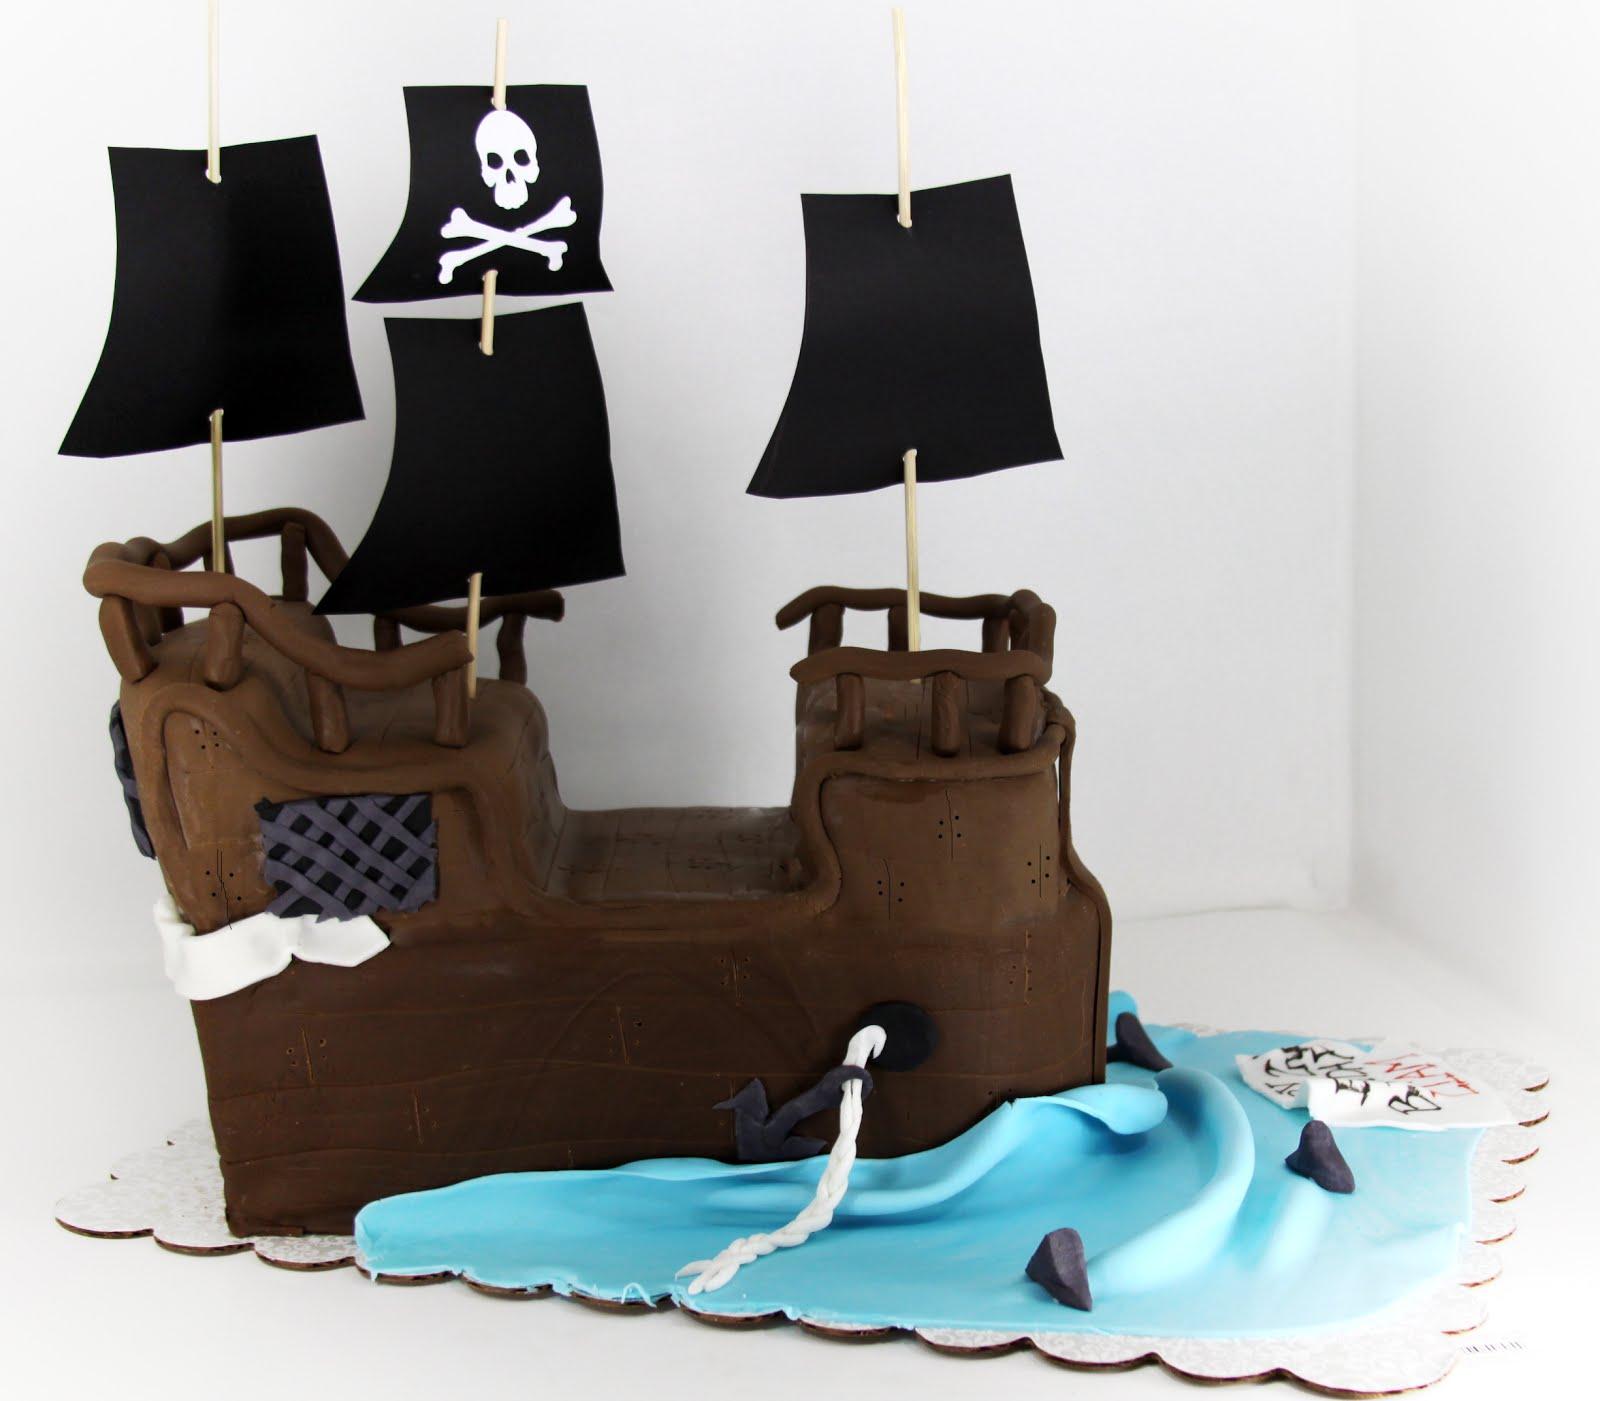 Pirate Ship Cake Pan Kit